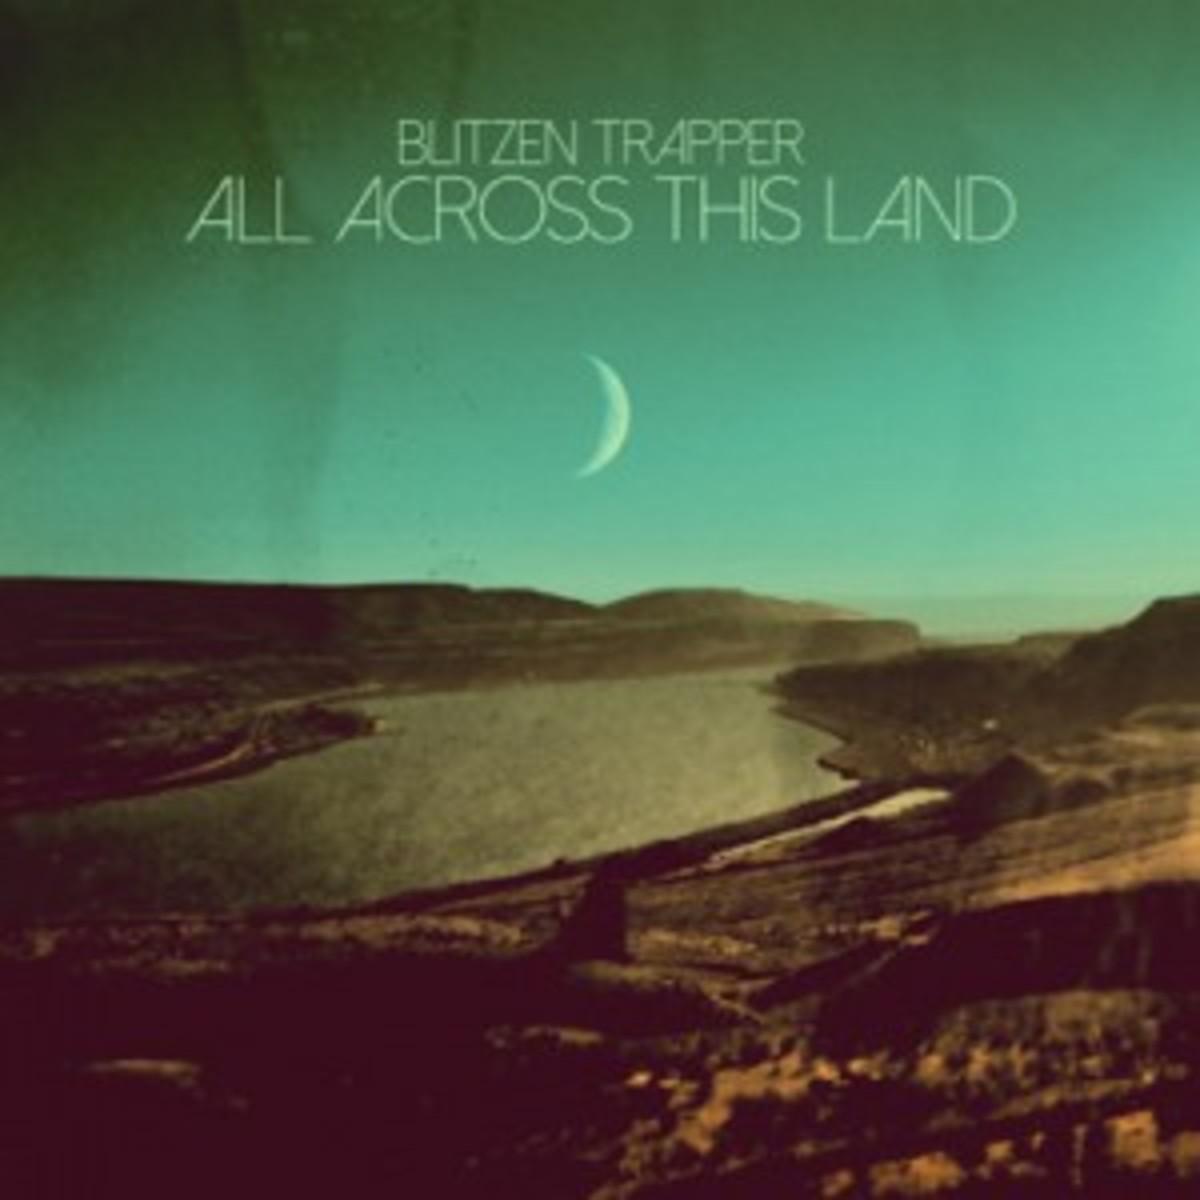 Blitzen_Trapper_AATL_Digital_Cover-copy (1)